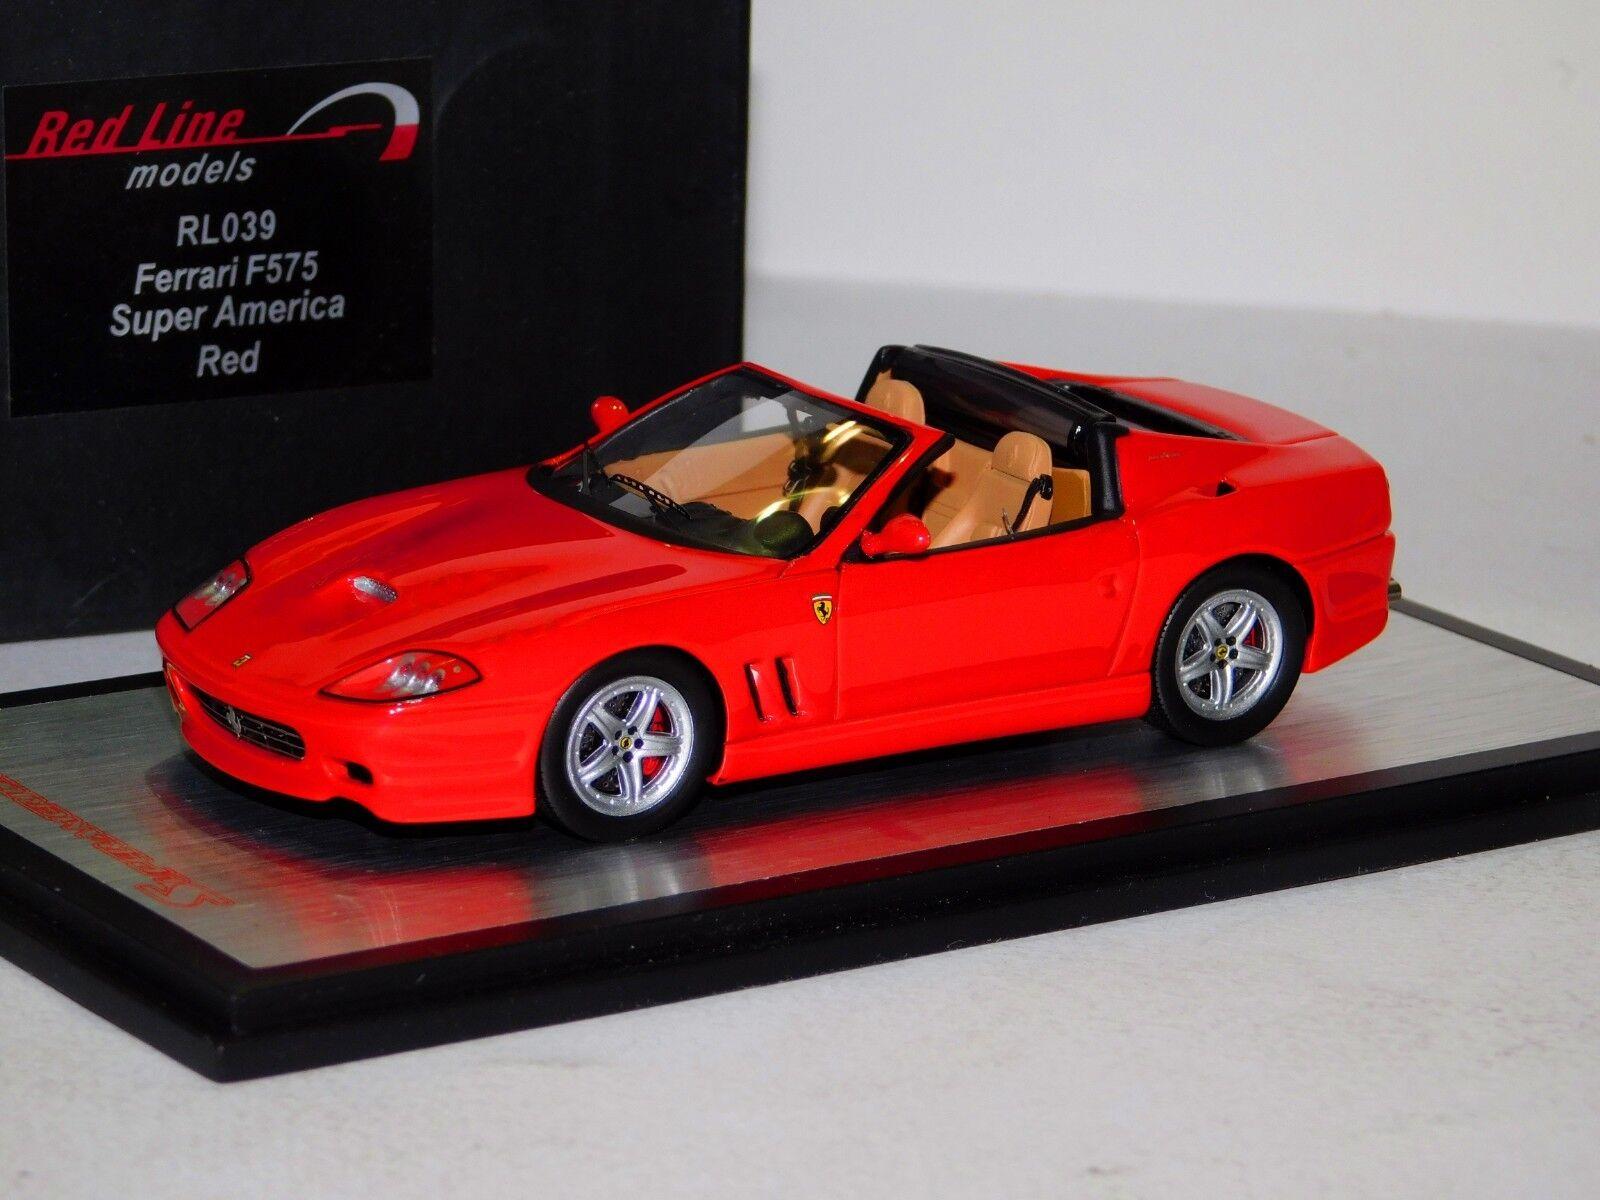 Ferrari f575 super america rote rotline rl039 1 43